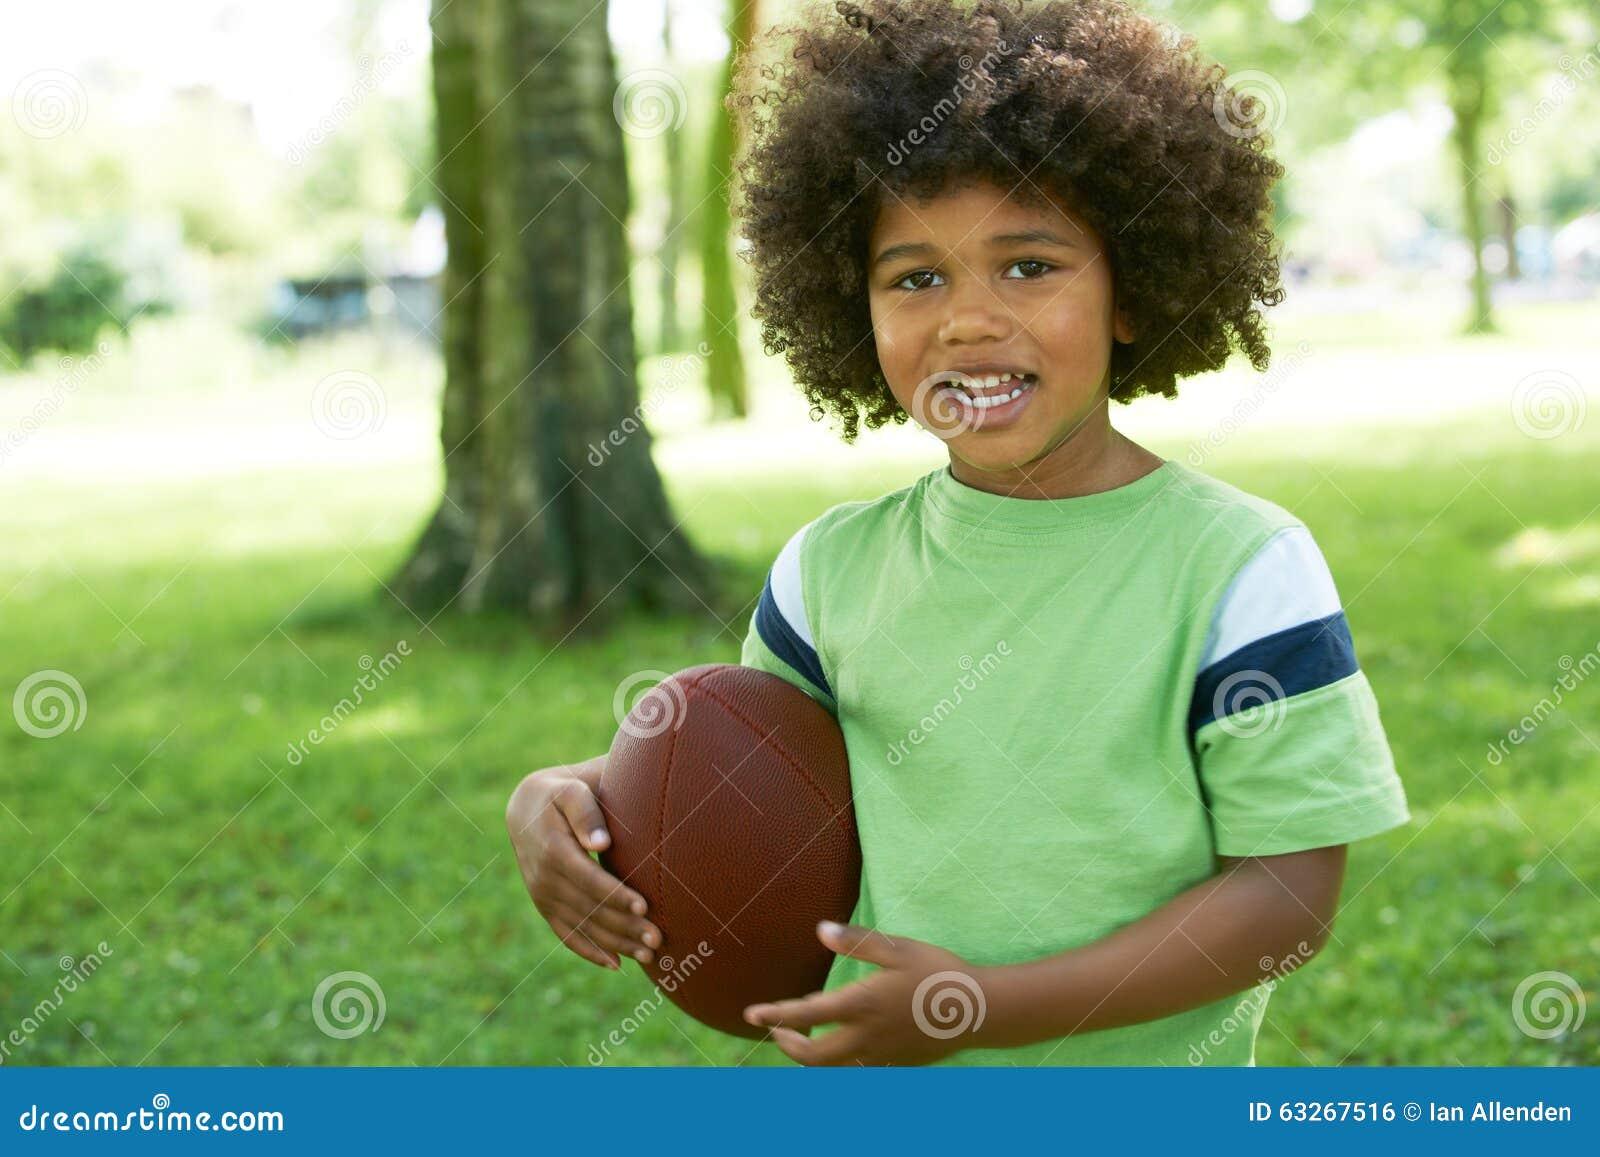 Het gelukkige Jonge Jongen Spelen in Park met Amerikaanse Voetbal